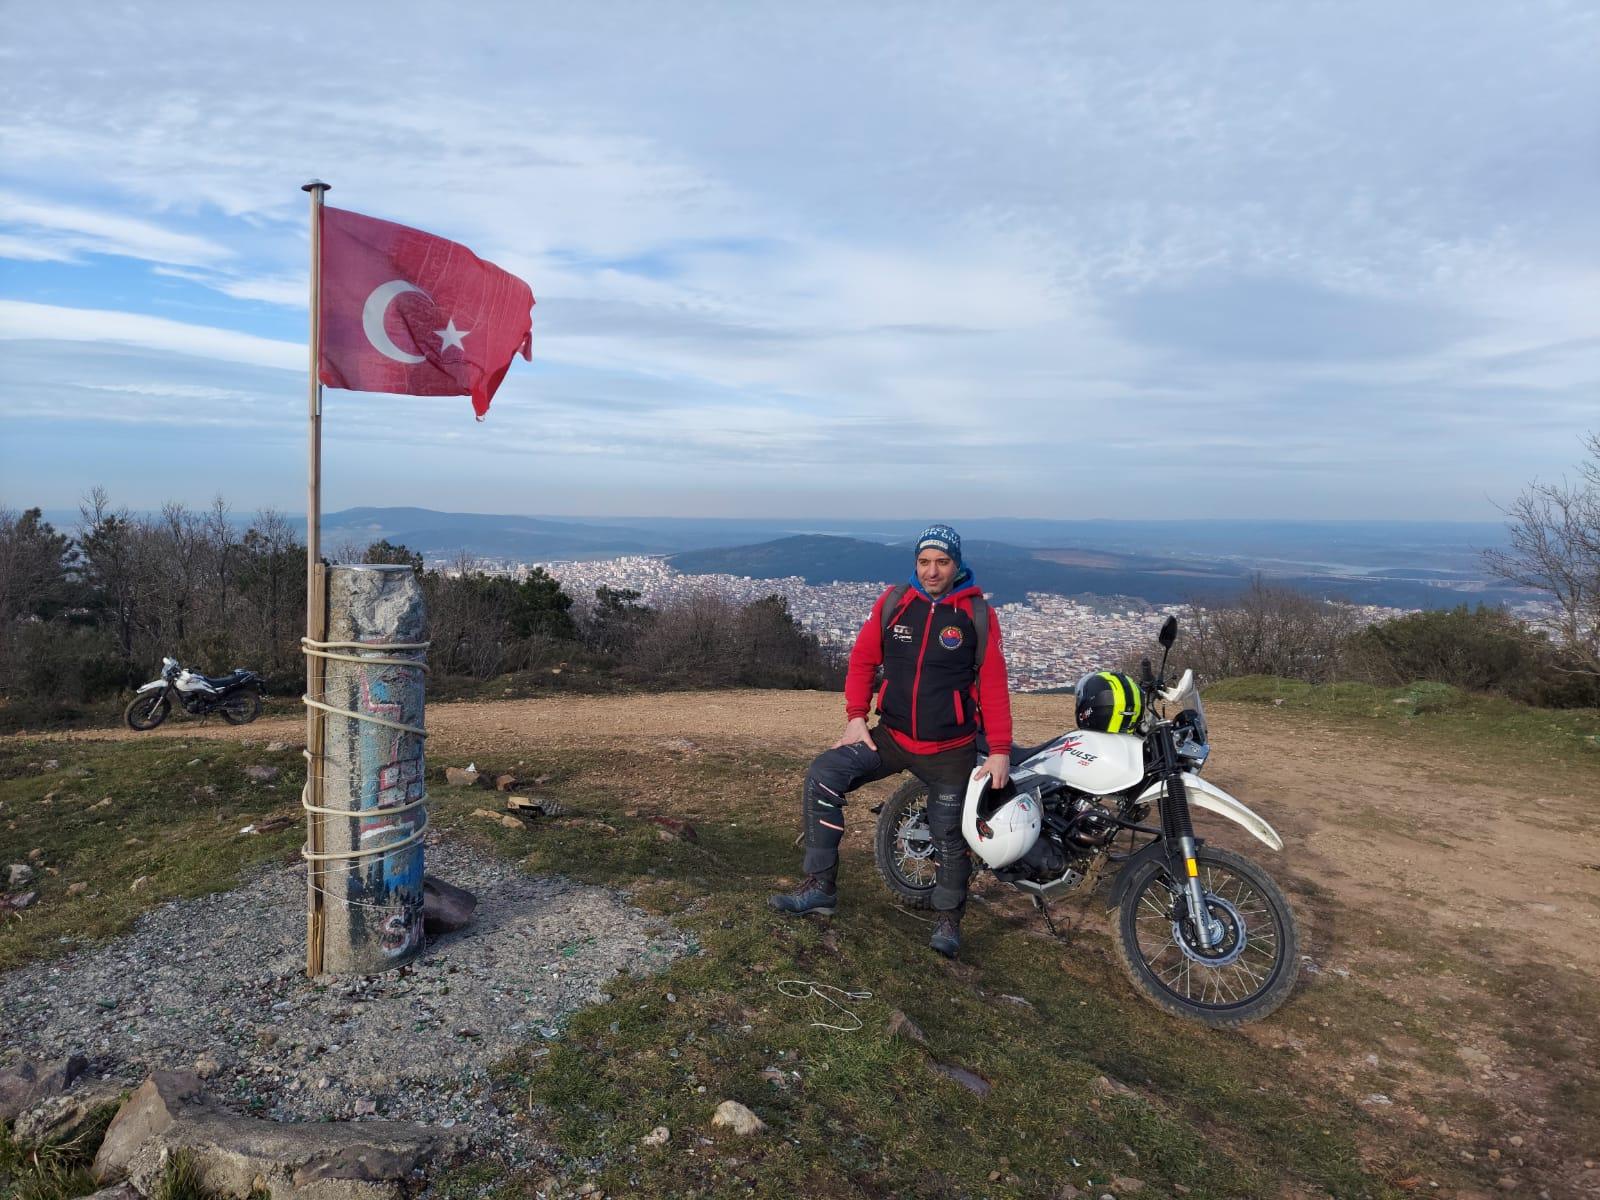 Motosikletle Dağa Çıkılır mı?